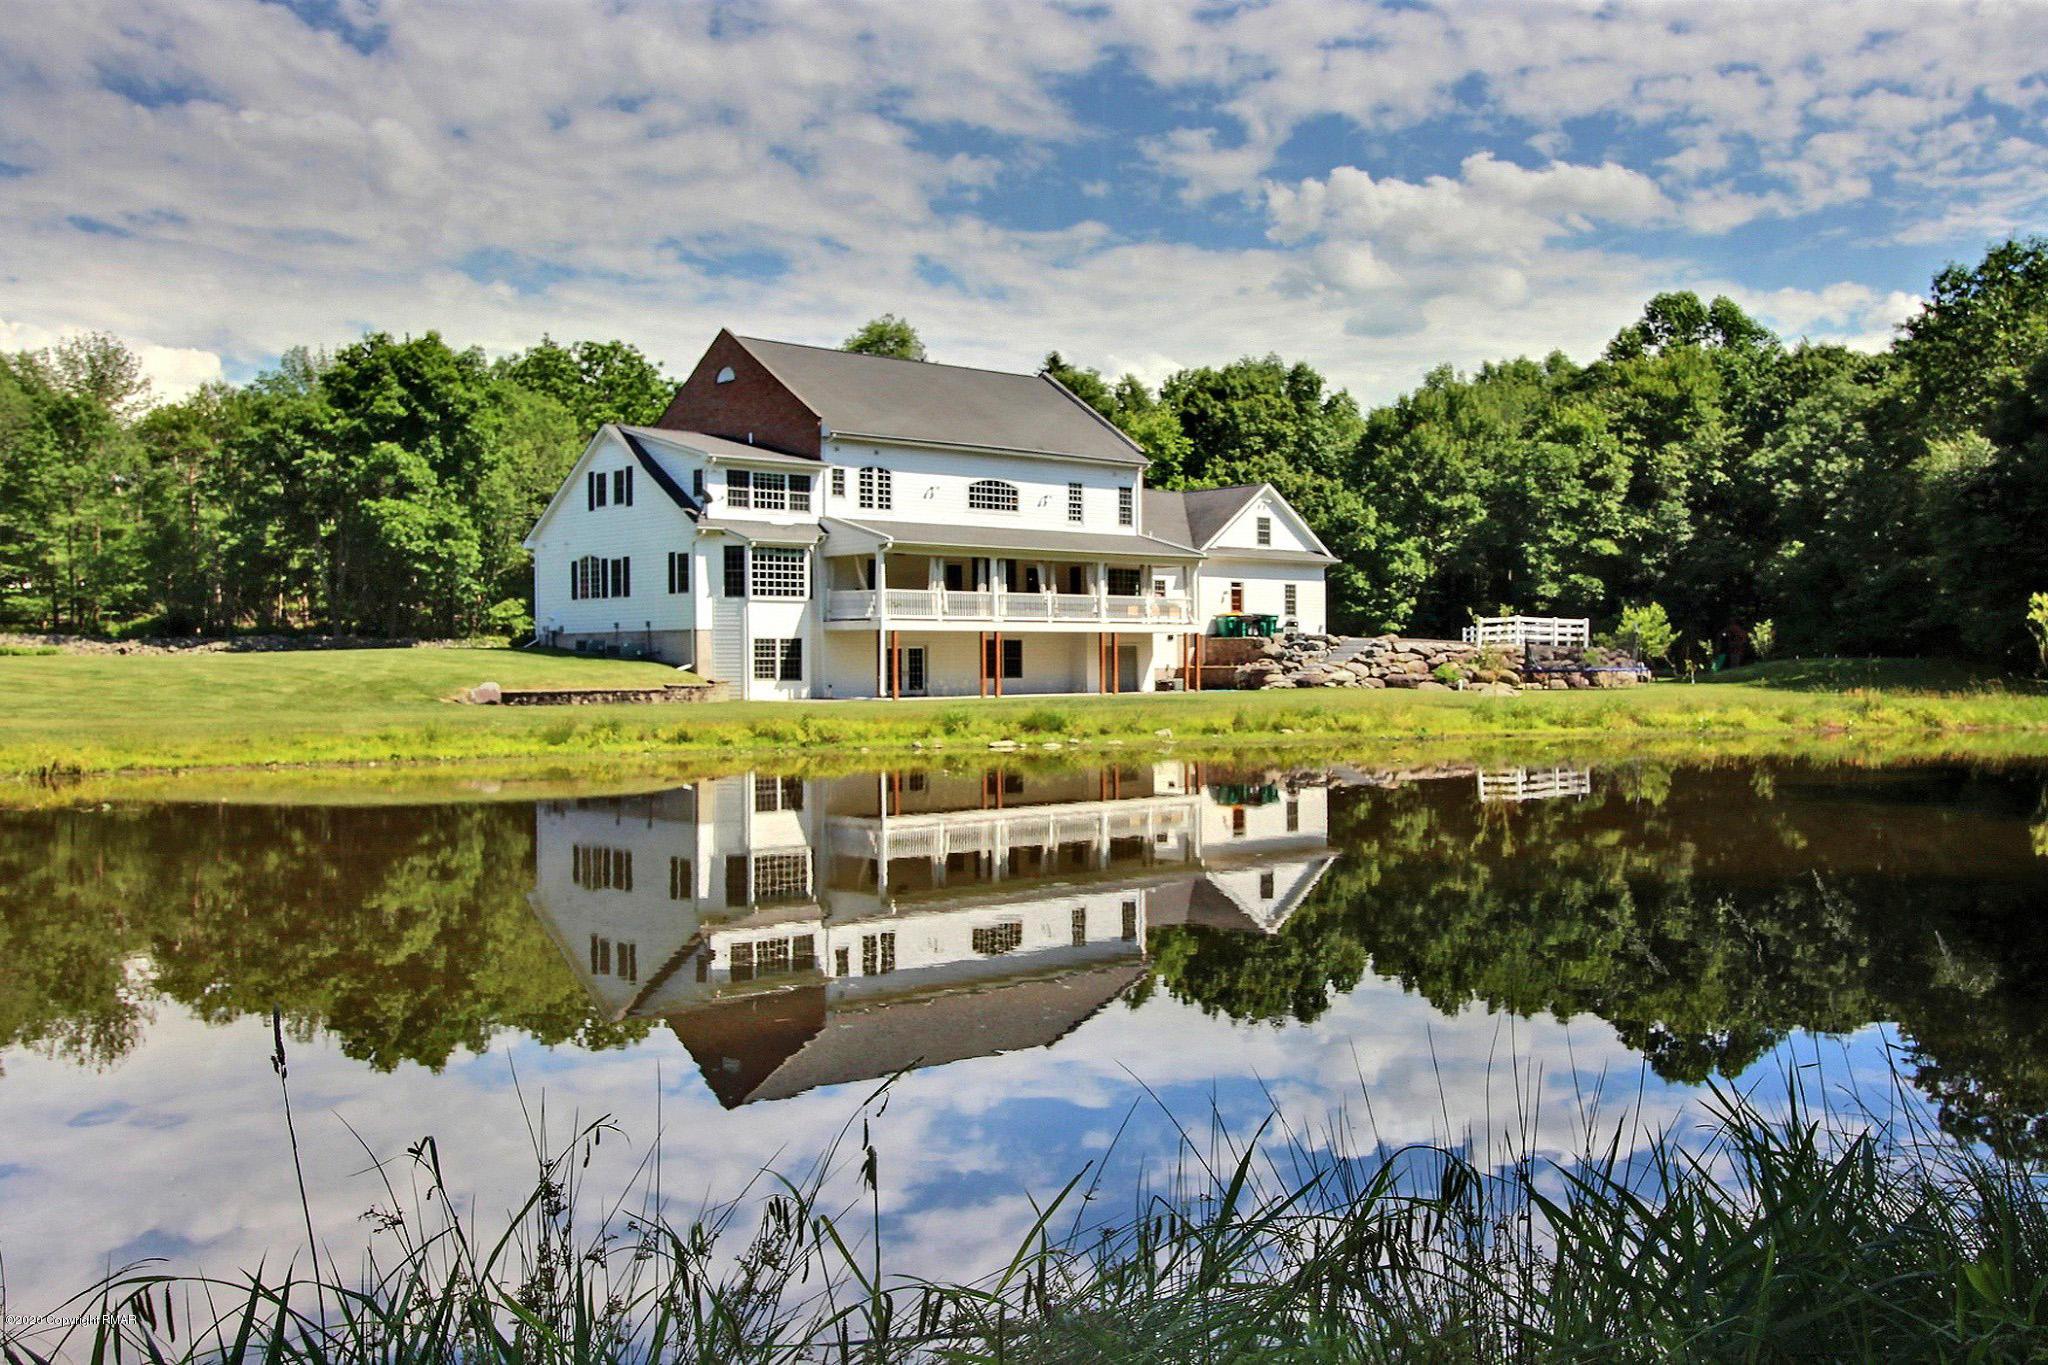 134 Kings Pond Rd, East Stroudsburg, PA 18301